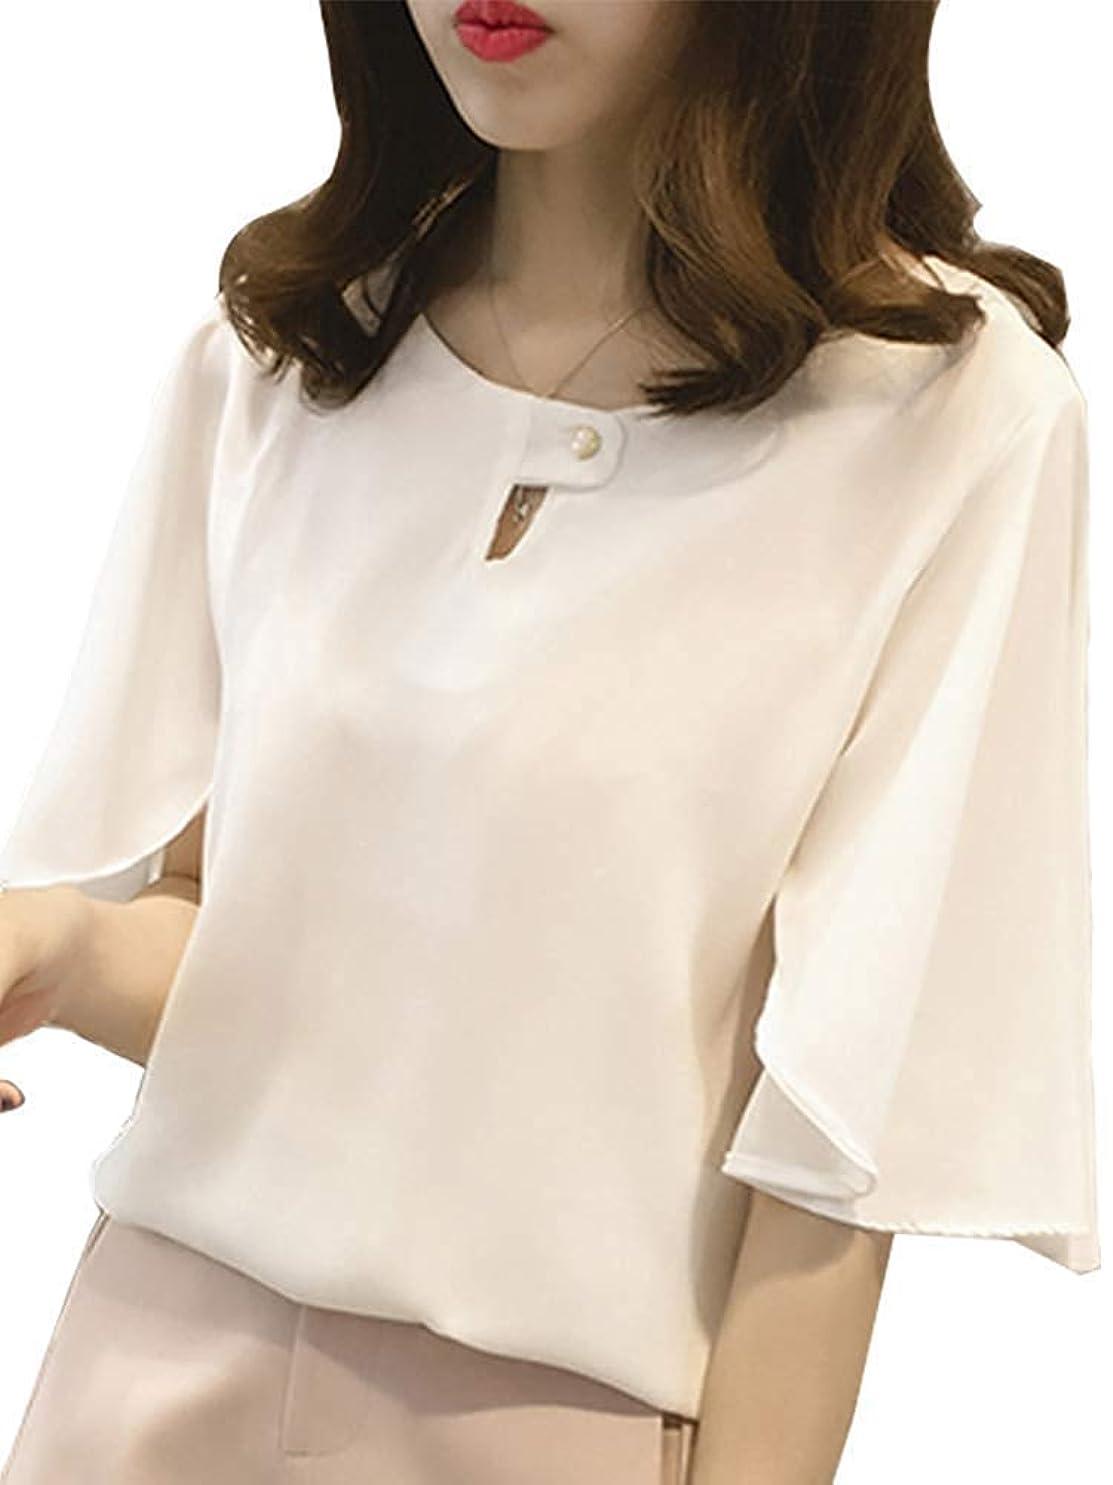 考案する実証する落ち着かない[ニーマンバイ] フレア袖 ドレスシャツ 半袖 とろみ素材 シフォン ブラウス かわいい レディース M?4XL